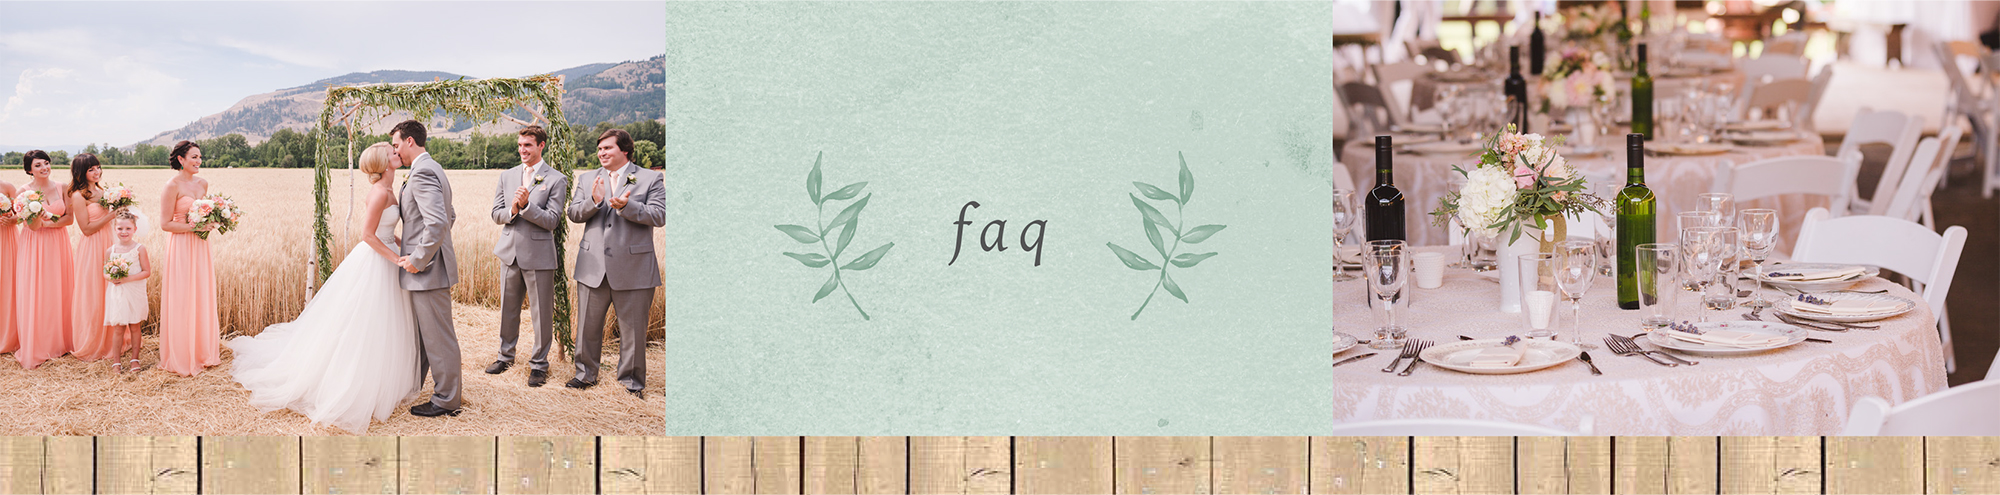 SilverSage_FAQ